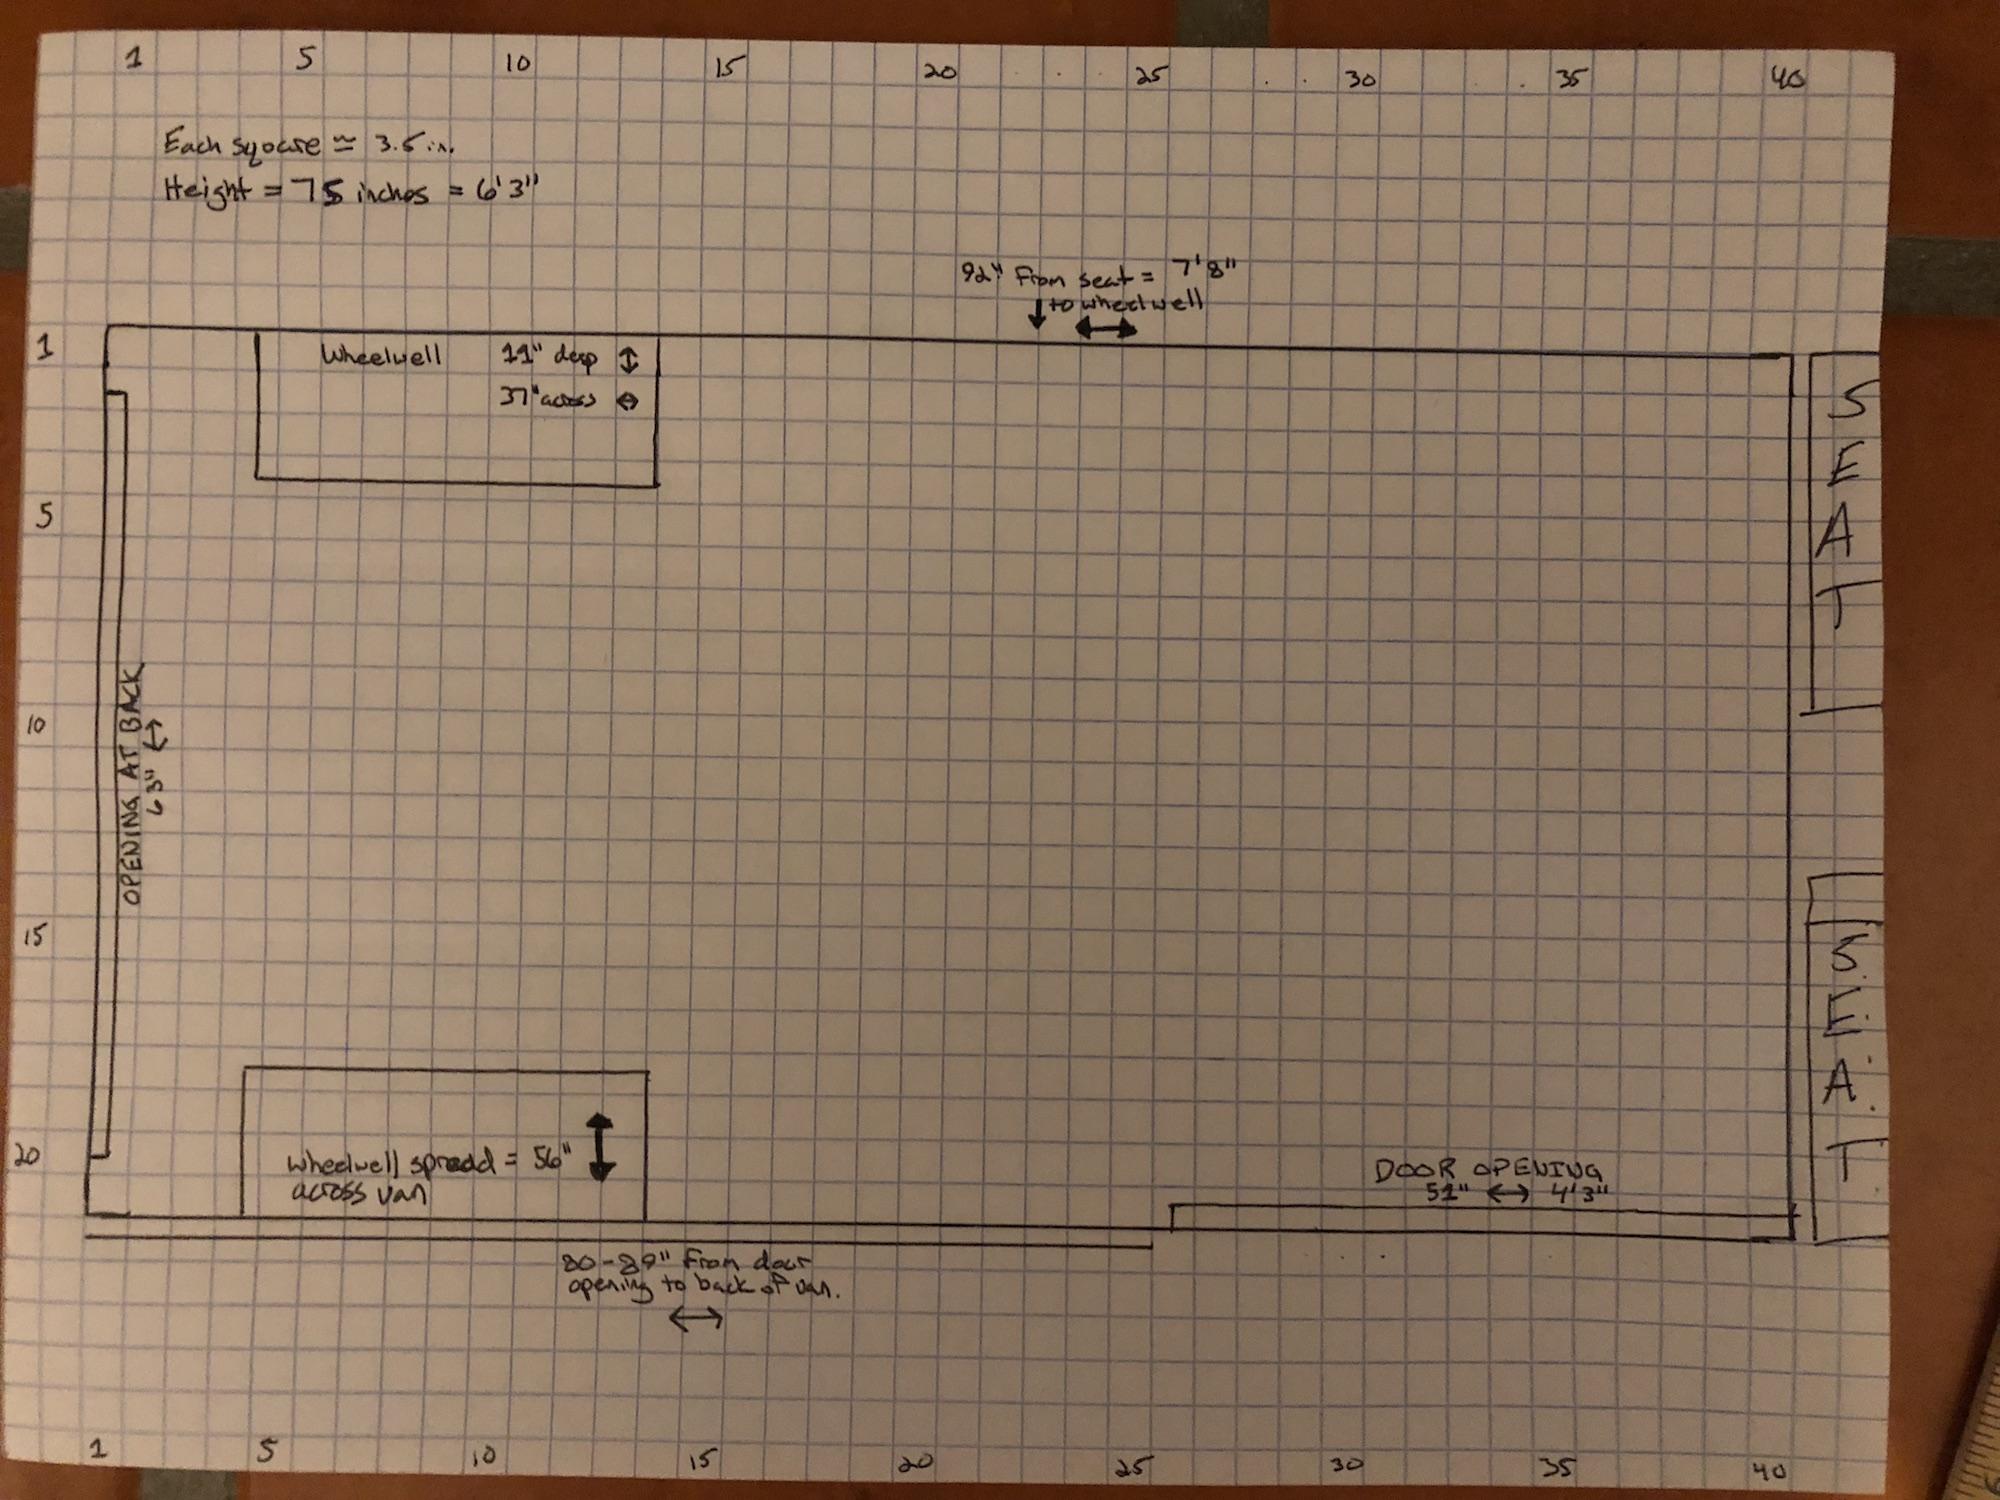 planning your van u0026 39 s layout